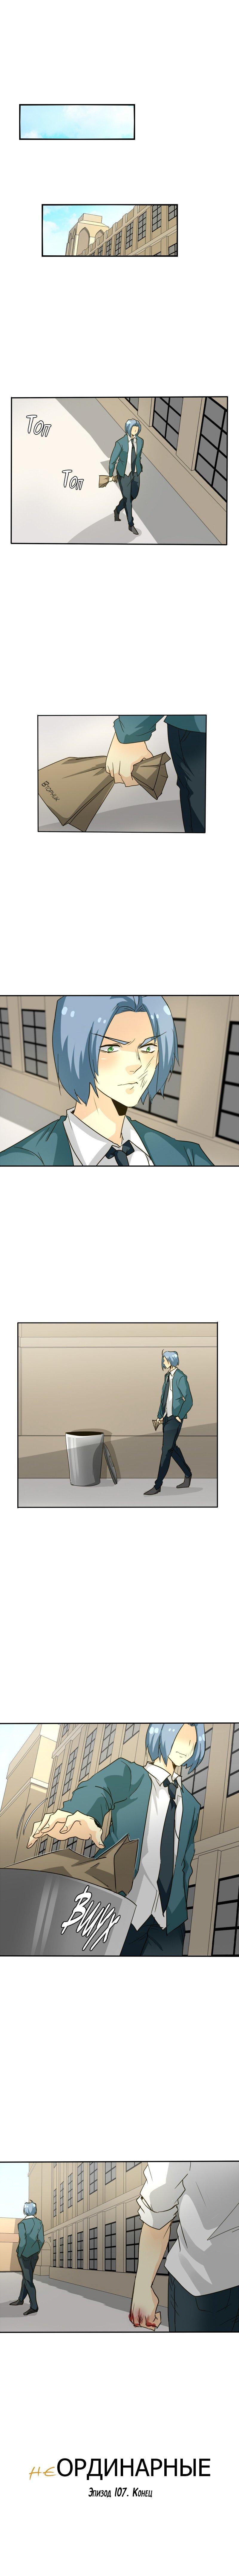 Манга неОРДИНАРНЫЕ / unORDINARY  - Том 1 Глава 112 Страница 14